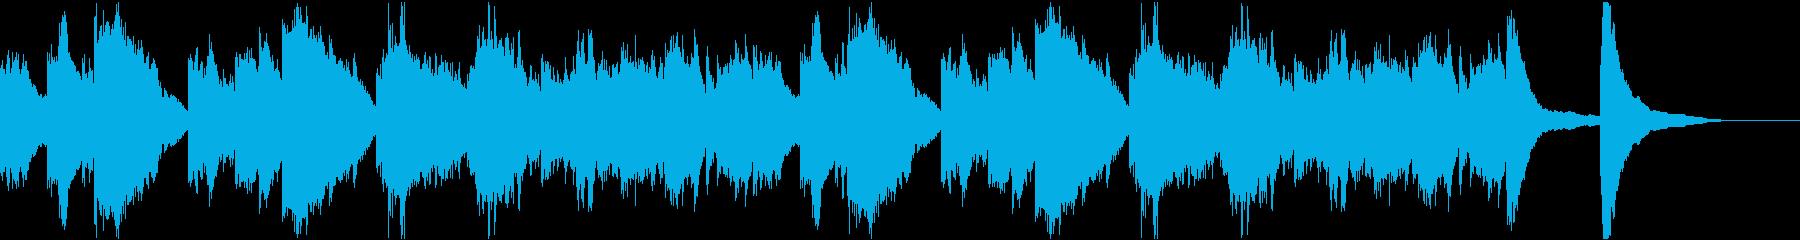 旅人の心情的な音楽の再生済みの波形